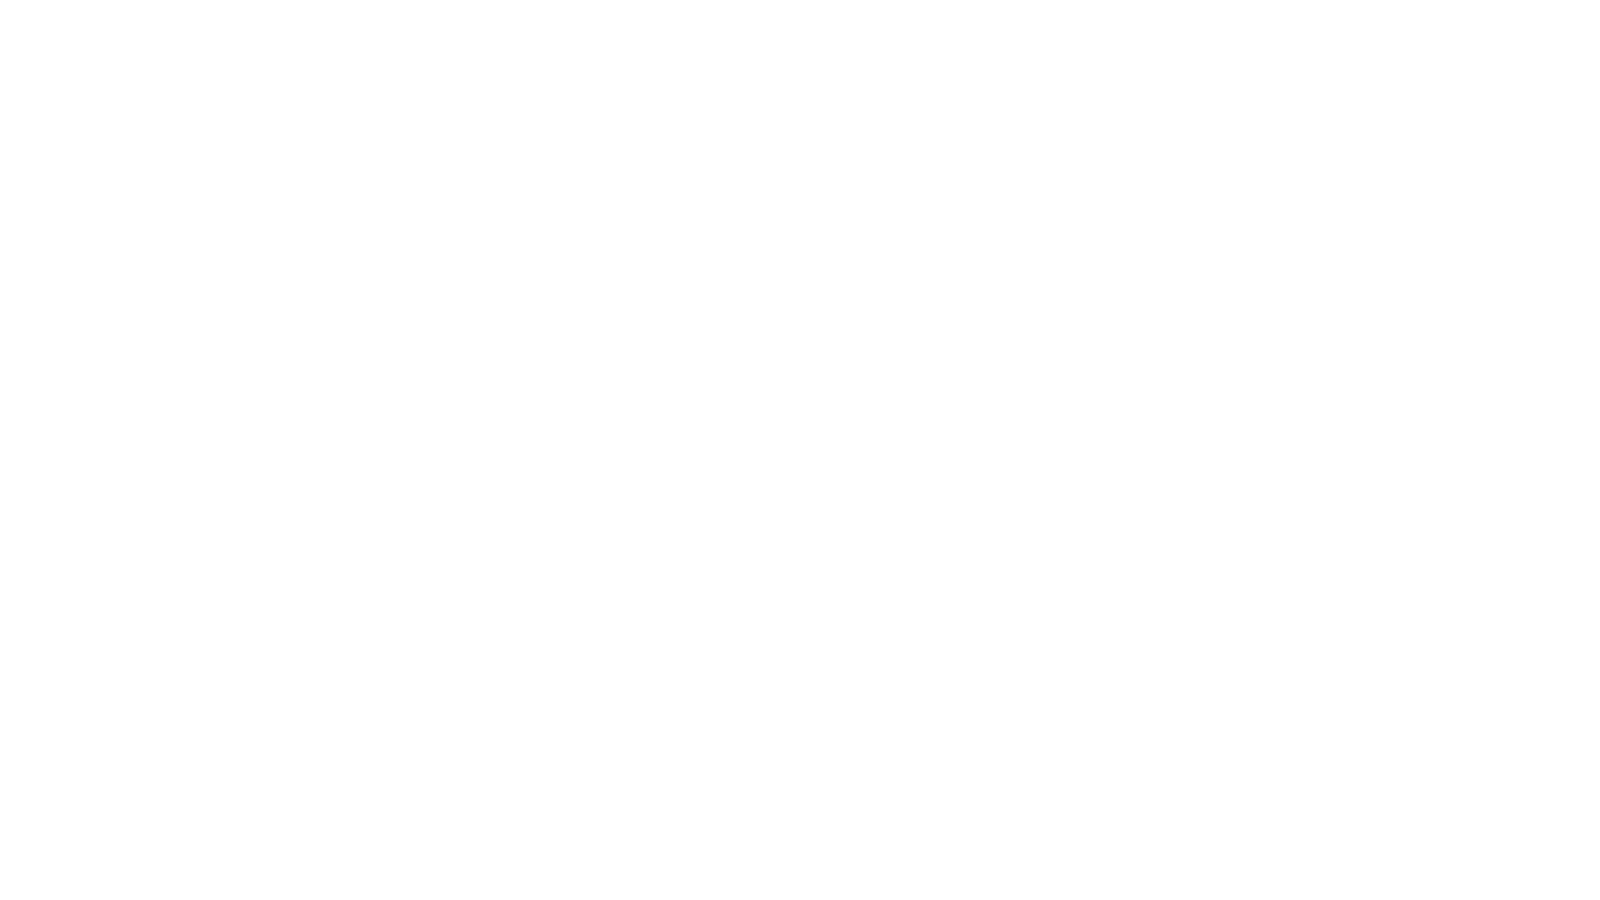 ¿Te gusta la idea de iniciar una sección de Setups? ¡Ustedes podrían enviar el suyo! Y por supuesto, yo ir armando y dándoles tips ¡Comenta! Pídete tu M5: http://bit.ly/3fbvwrv Checa el review del Odyssey G9: http://bit.ly/3vWk61m Sígueme en Instagram para que veas todas las pruebas que le estuve haciendo en mis historias destacadas: https://instagram.com/CarlosVassan  ↓↓↓↓↓↓↓↓↓EXPANDE ESTO↓↓↓↓↓↓↓↓↓↓↓  Videos recomendados:  →Los 10 Mejores Teléfonos del 2020: https://bit.ly/3iipdDK →TOP MEJORES TELÉFONOS BARATOS 2020:https:// bit.ly/3nIRjsC →TOP Mejores teléfonos gama media del 2019: https://bit.ly/2N3YGyr →TOP Mejores teléfonos gama media del 2020: https://bit.ly/39ycBV1 →TOP MEJORES TELÉFONOS GAMA MEDIA-PREMIUM 2020: https://bit.ly/35AVIrG  Únete a nuestro grupo de Telegram en donde publicamos las mejores ofertas de Amazon todos los días 🔥: https://t.me/CarlosVassan  Redes sociales:  Instagram: https://instagram.com/CarlosVassan Twitter: https://twitter.com/Carlos_Vassan Nueva página de Facebook: https://bit.ly/36jeljZ  Mi página web para que cheques todas las noticias y filtraciones de nuevos equipos: https://carlosvassan.com/  Contacto empresarial: hola@carlosvassan.com